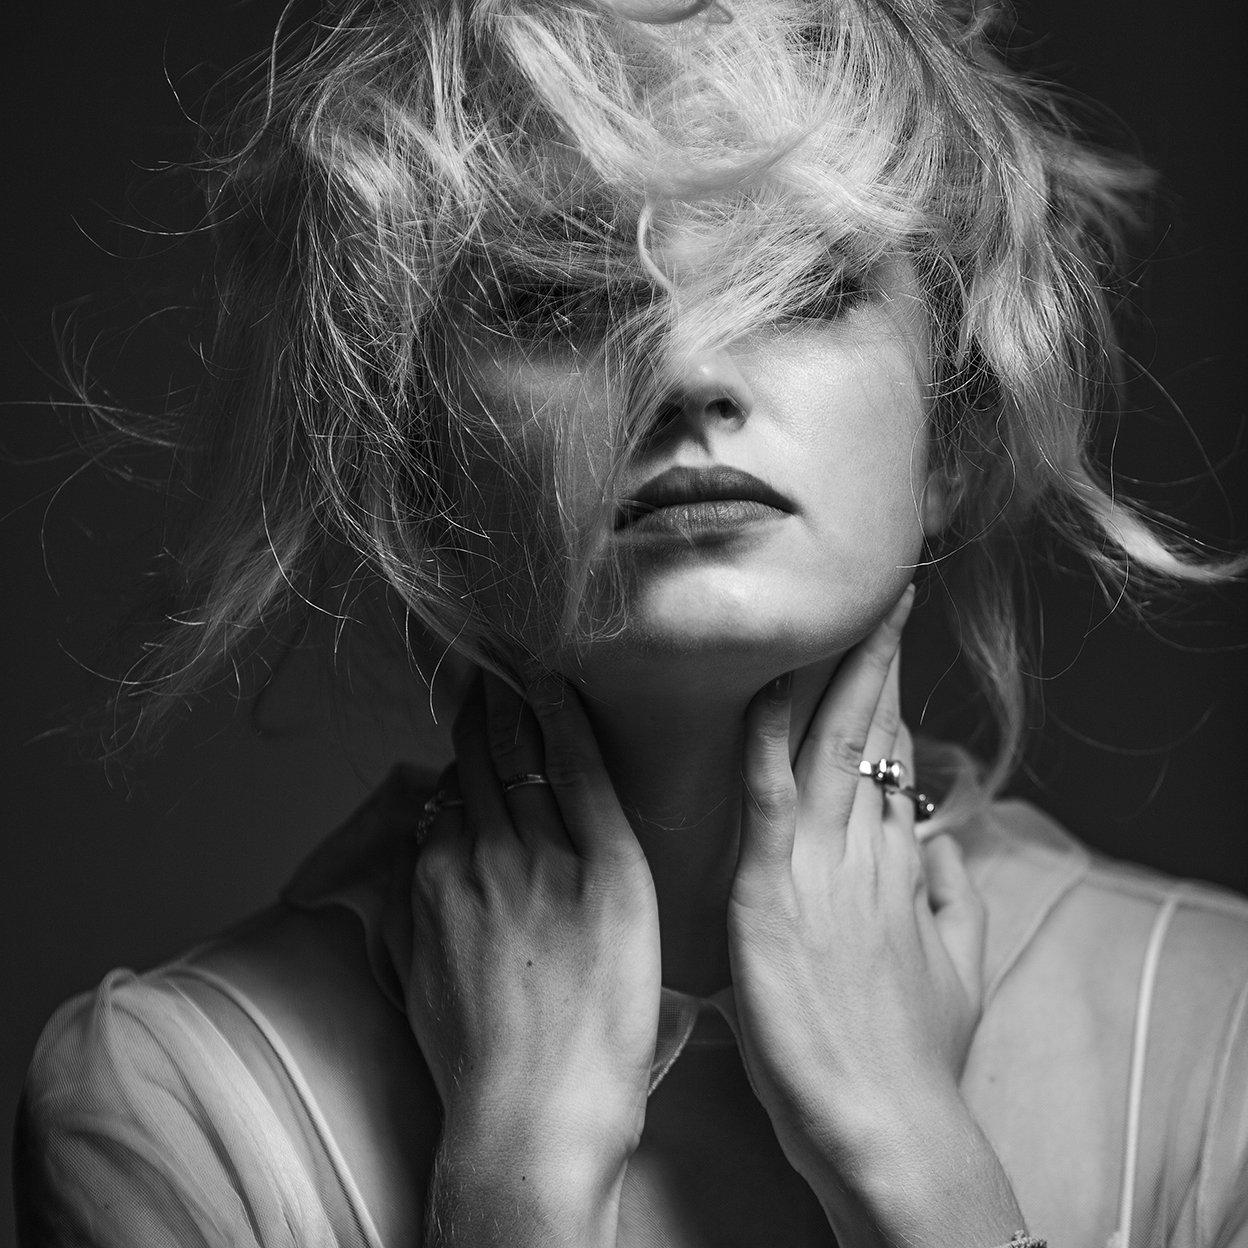 портрет, девушка, стиль, мода, волосы, блондинка, креатив, гламур, студия, тень, концептуальный, современный, fashion, style, davydov, art, beauty, glamor, монохромный, чёрно-белый, психологический, экспрессия, фотостудия, Давыдов Михаил